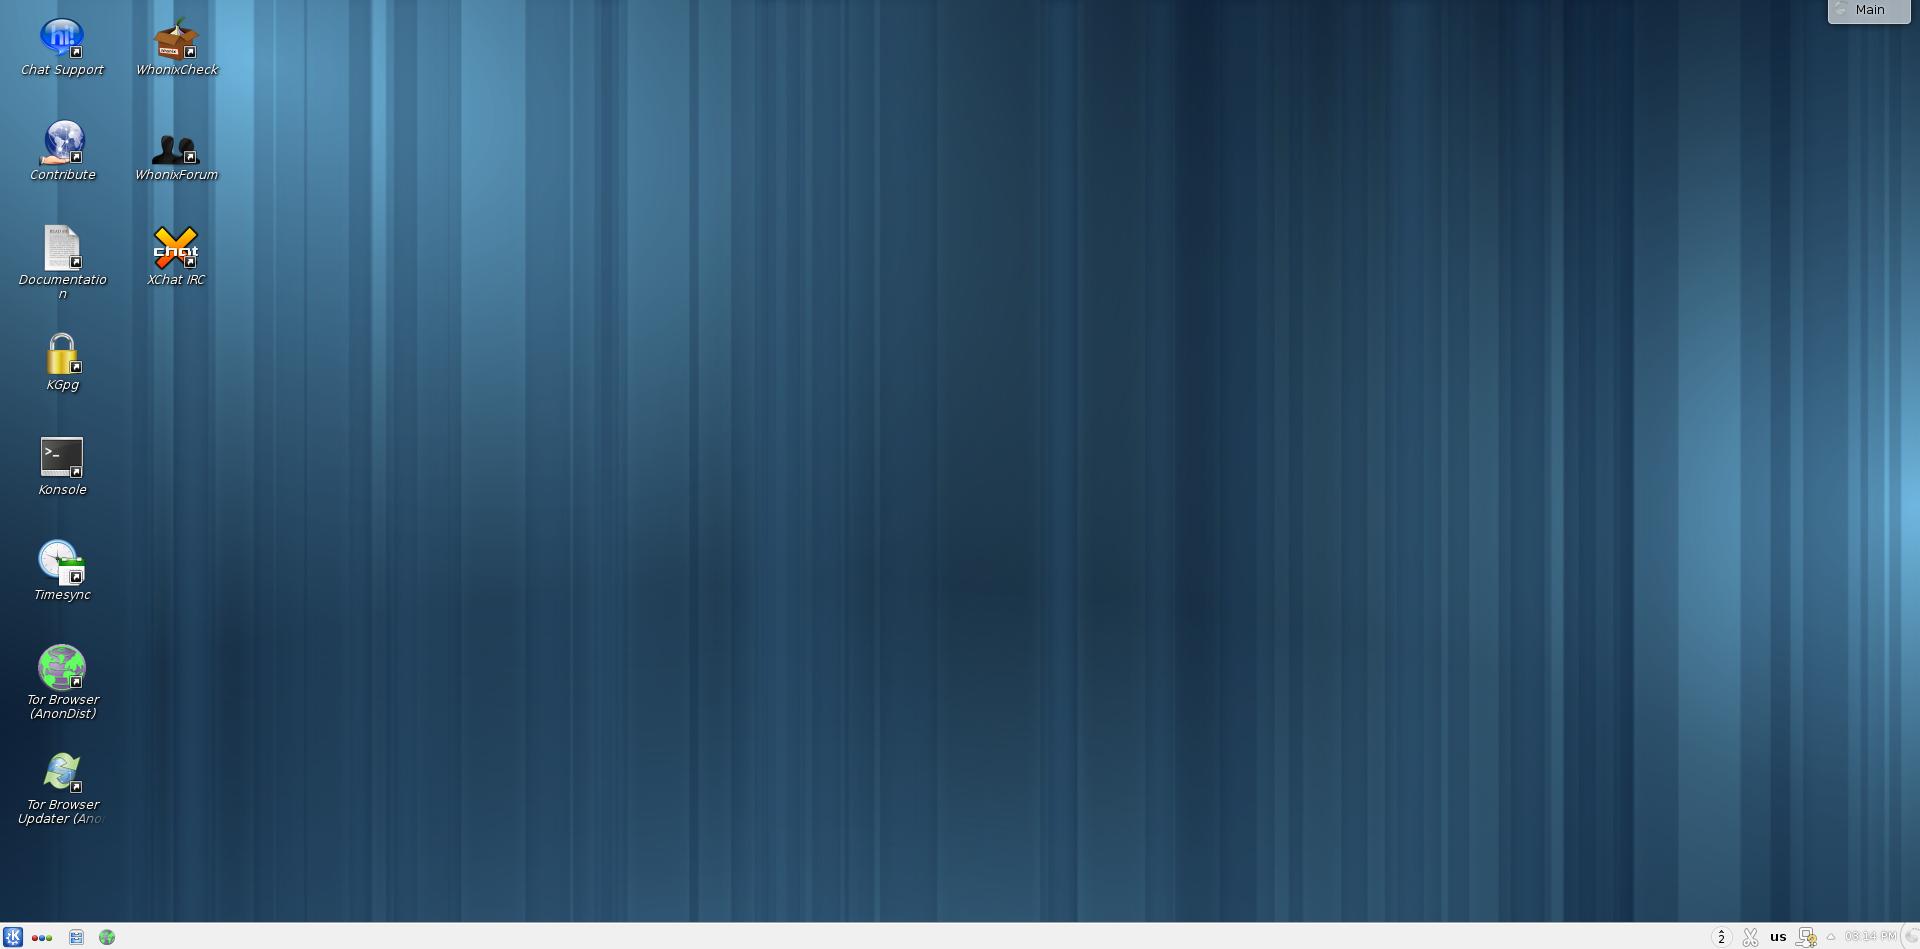 whonix-privacidade-anonimato-sistema